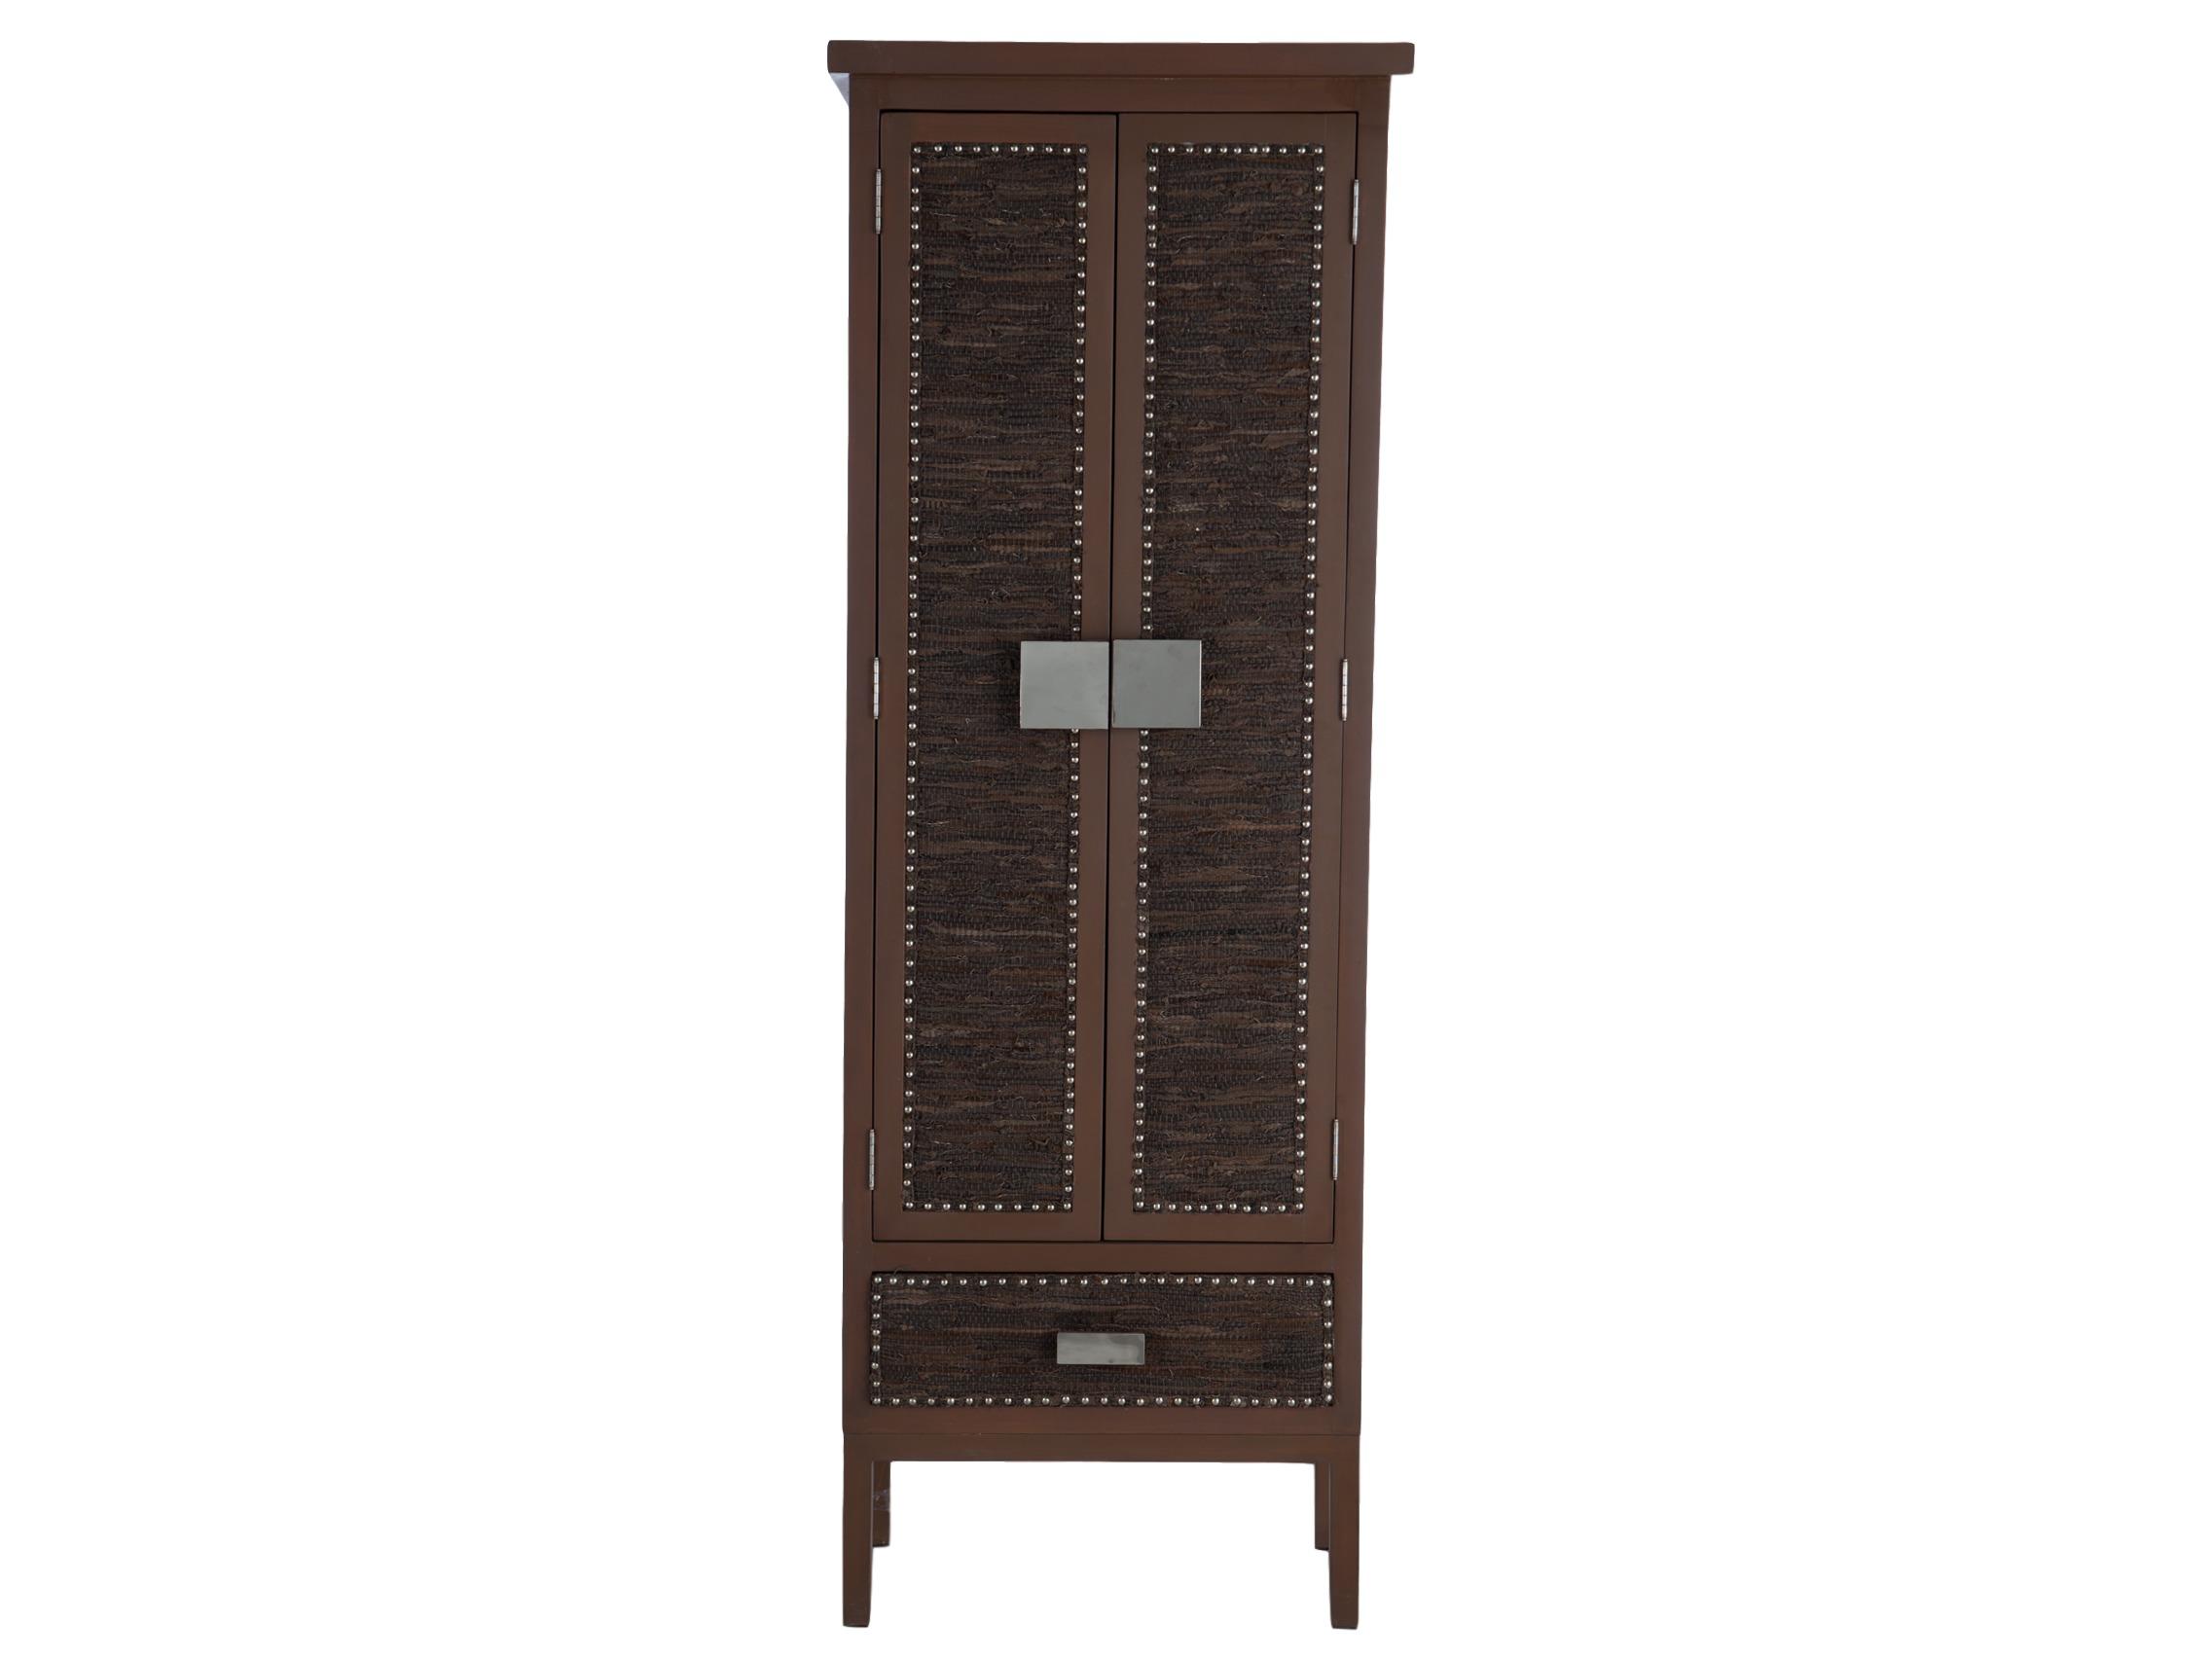 ШкафБельевые шкафы<br>Шкаф с полками, дверцы и ящик декорированы вставками из экокожи.&amp;amp;nbsp;&amp;lt;div&amp;gt;Металлические ручки.&amp;lt;/div&amp;gt;<br><br>Material: Дерево<br>Width см: 76<br>Depth см: 43<br>Height см: 220